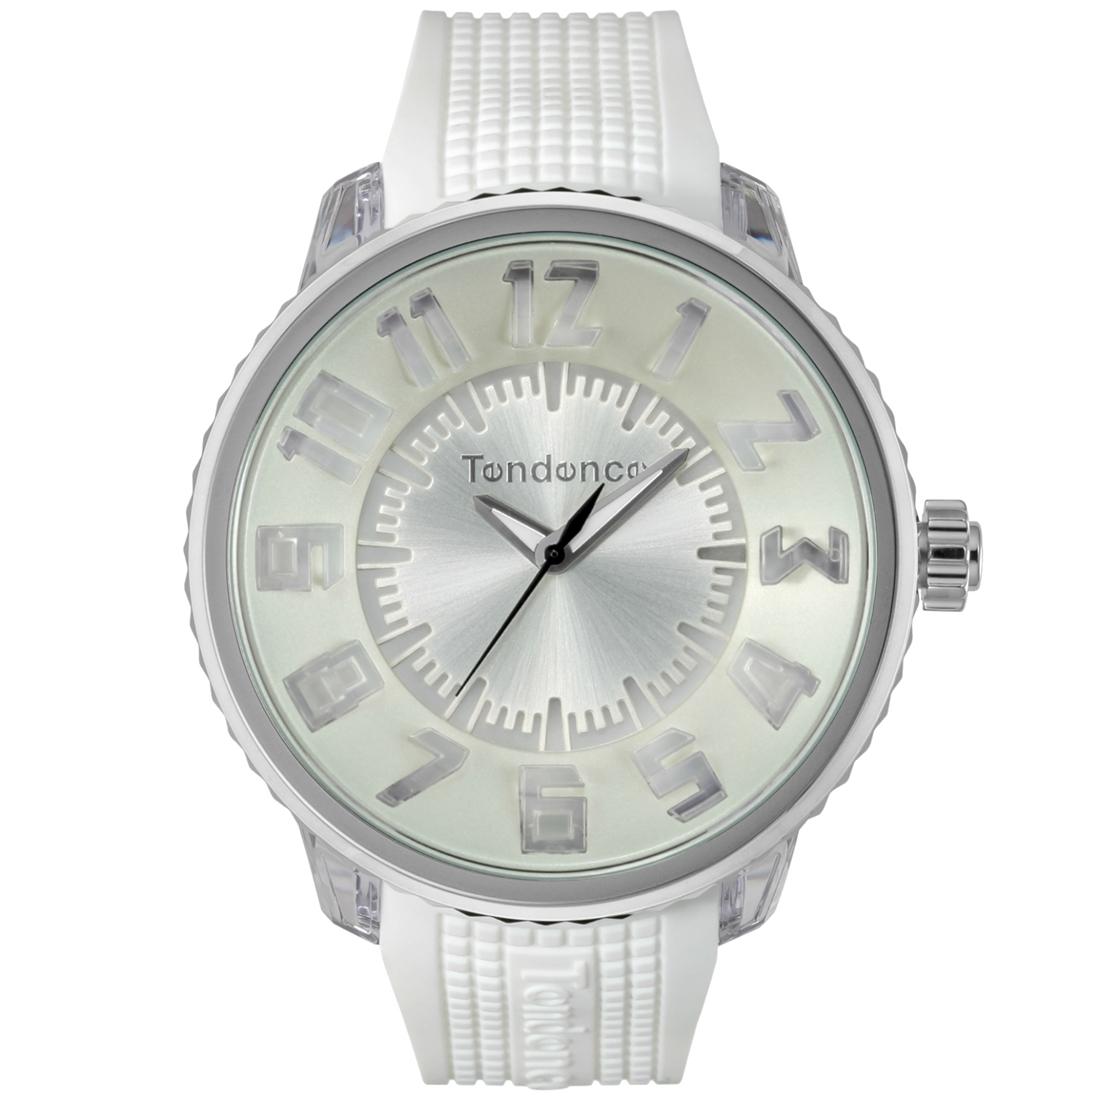 正規品 Tendence テンデンス TY532003 フラッシュ 腕時計